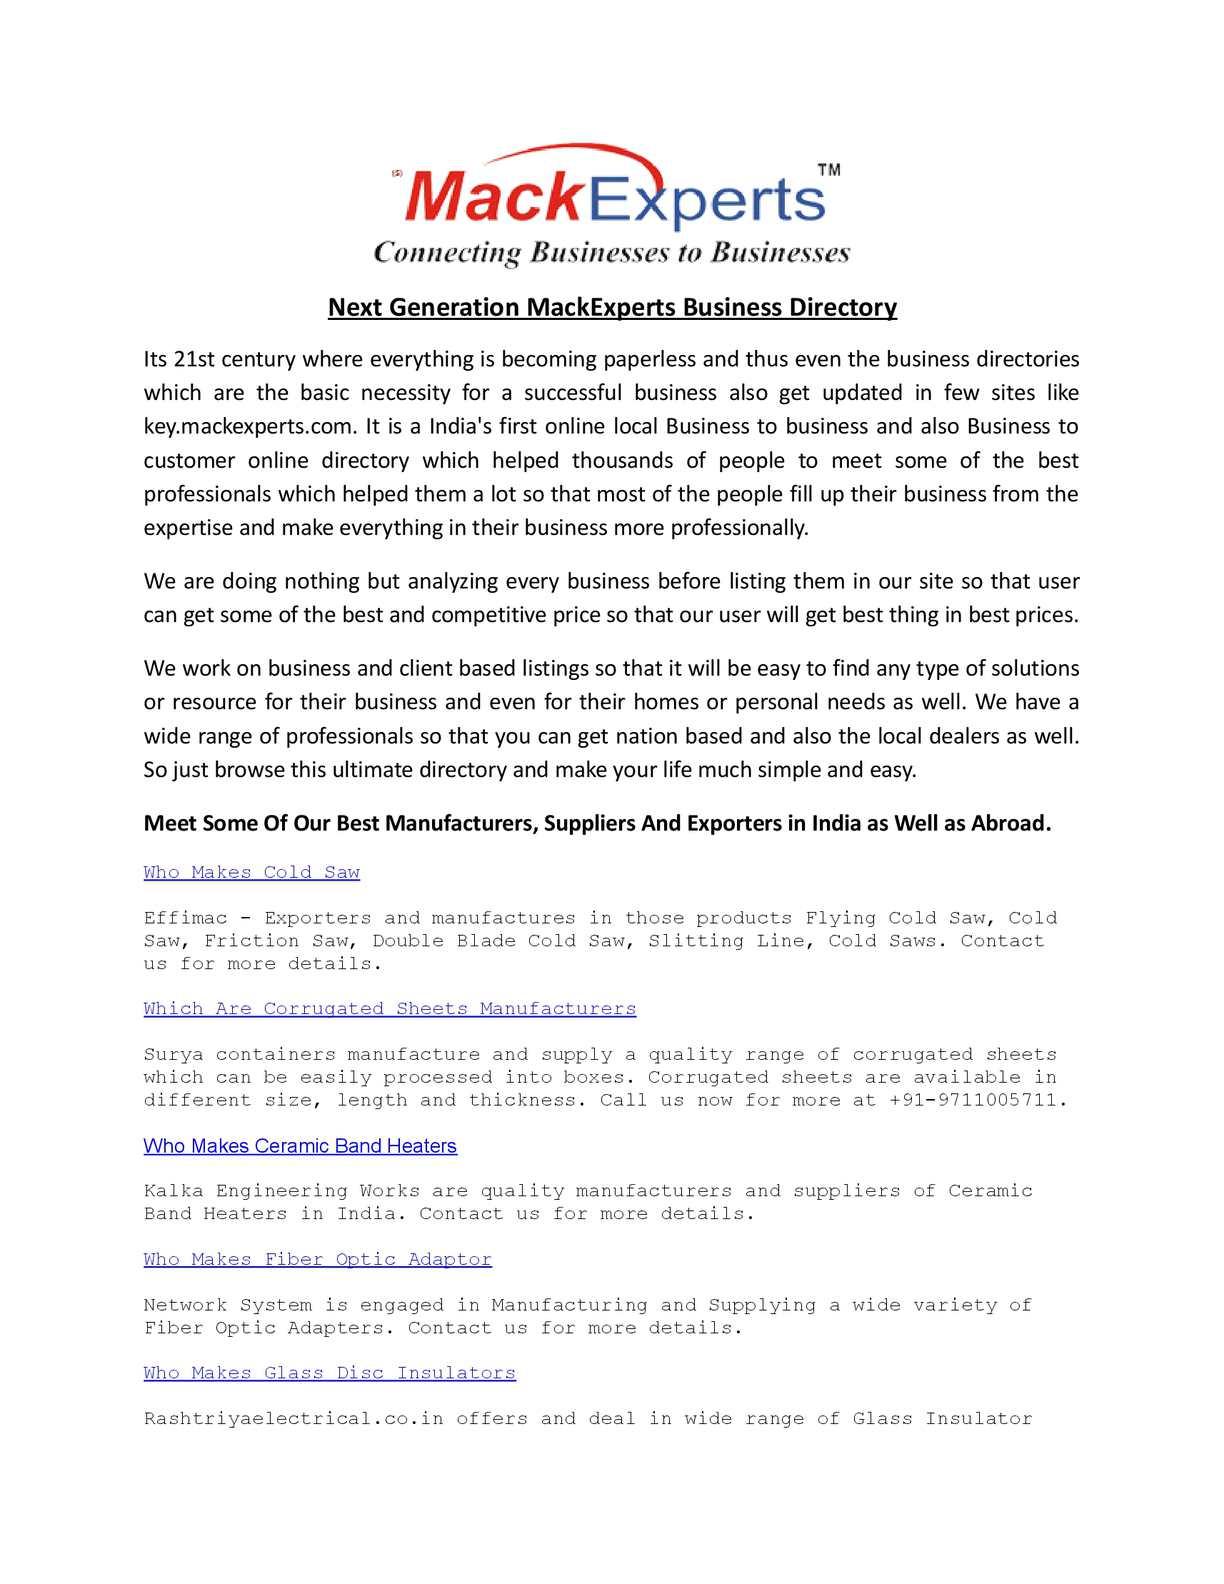 Calaméo - MackExperts com - Biggest B2B Portal of India